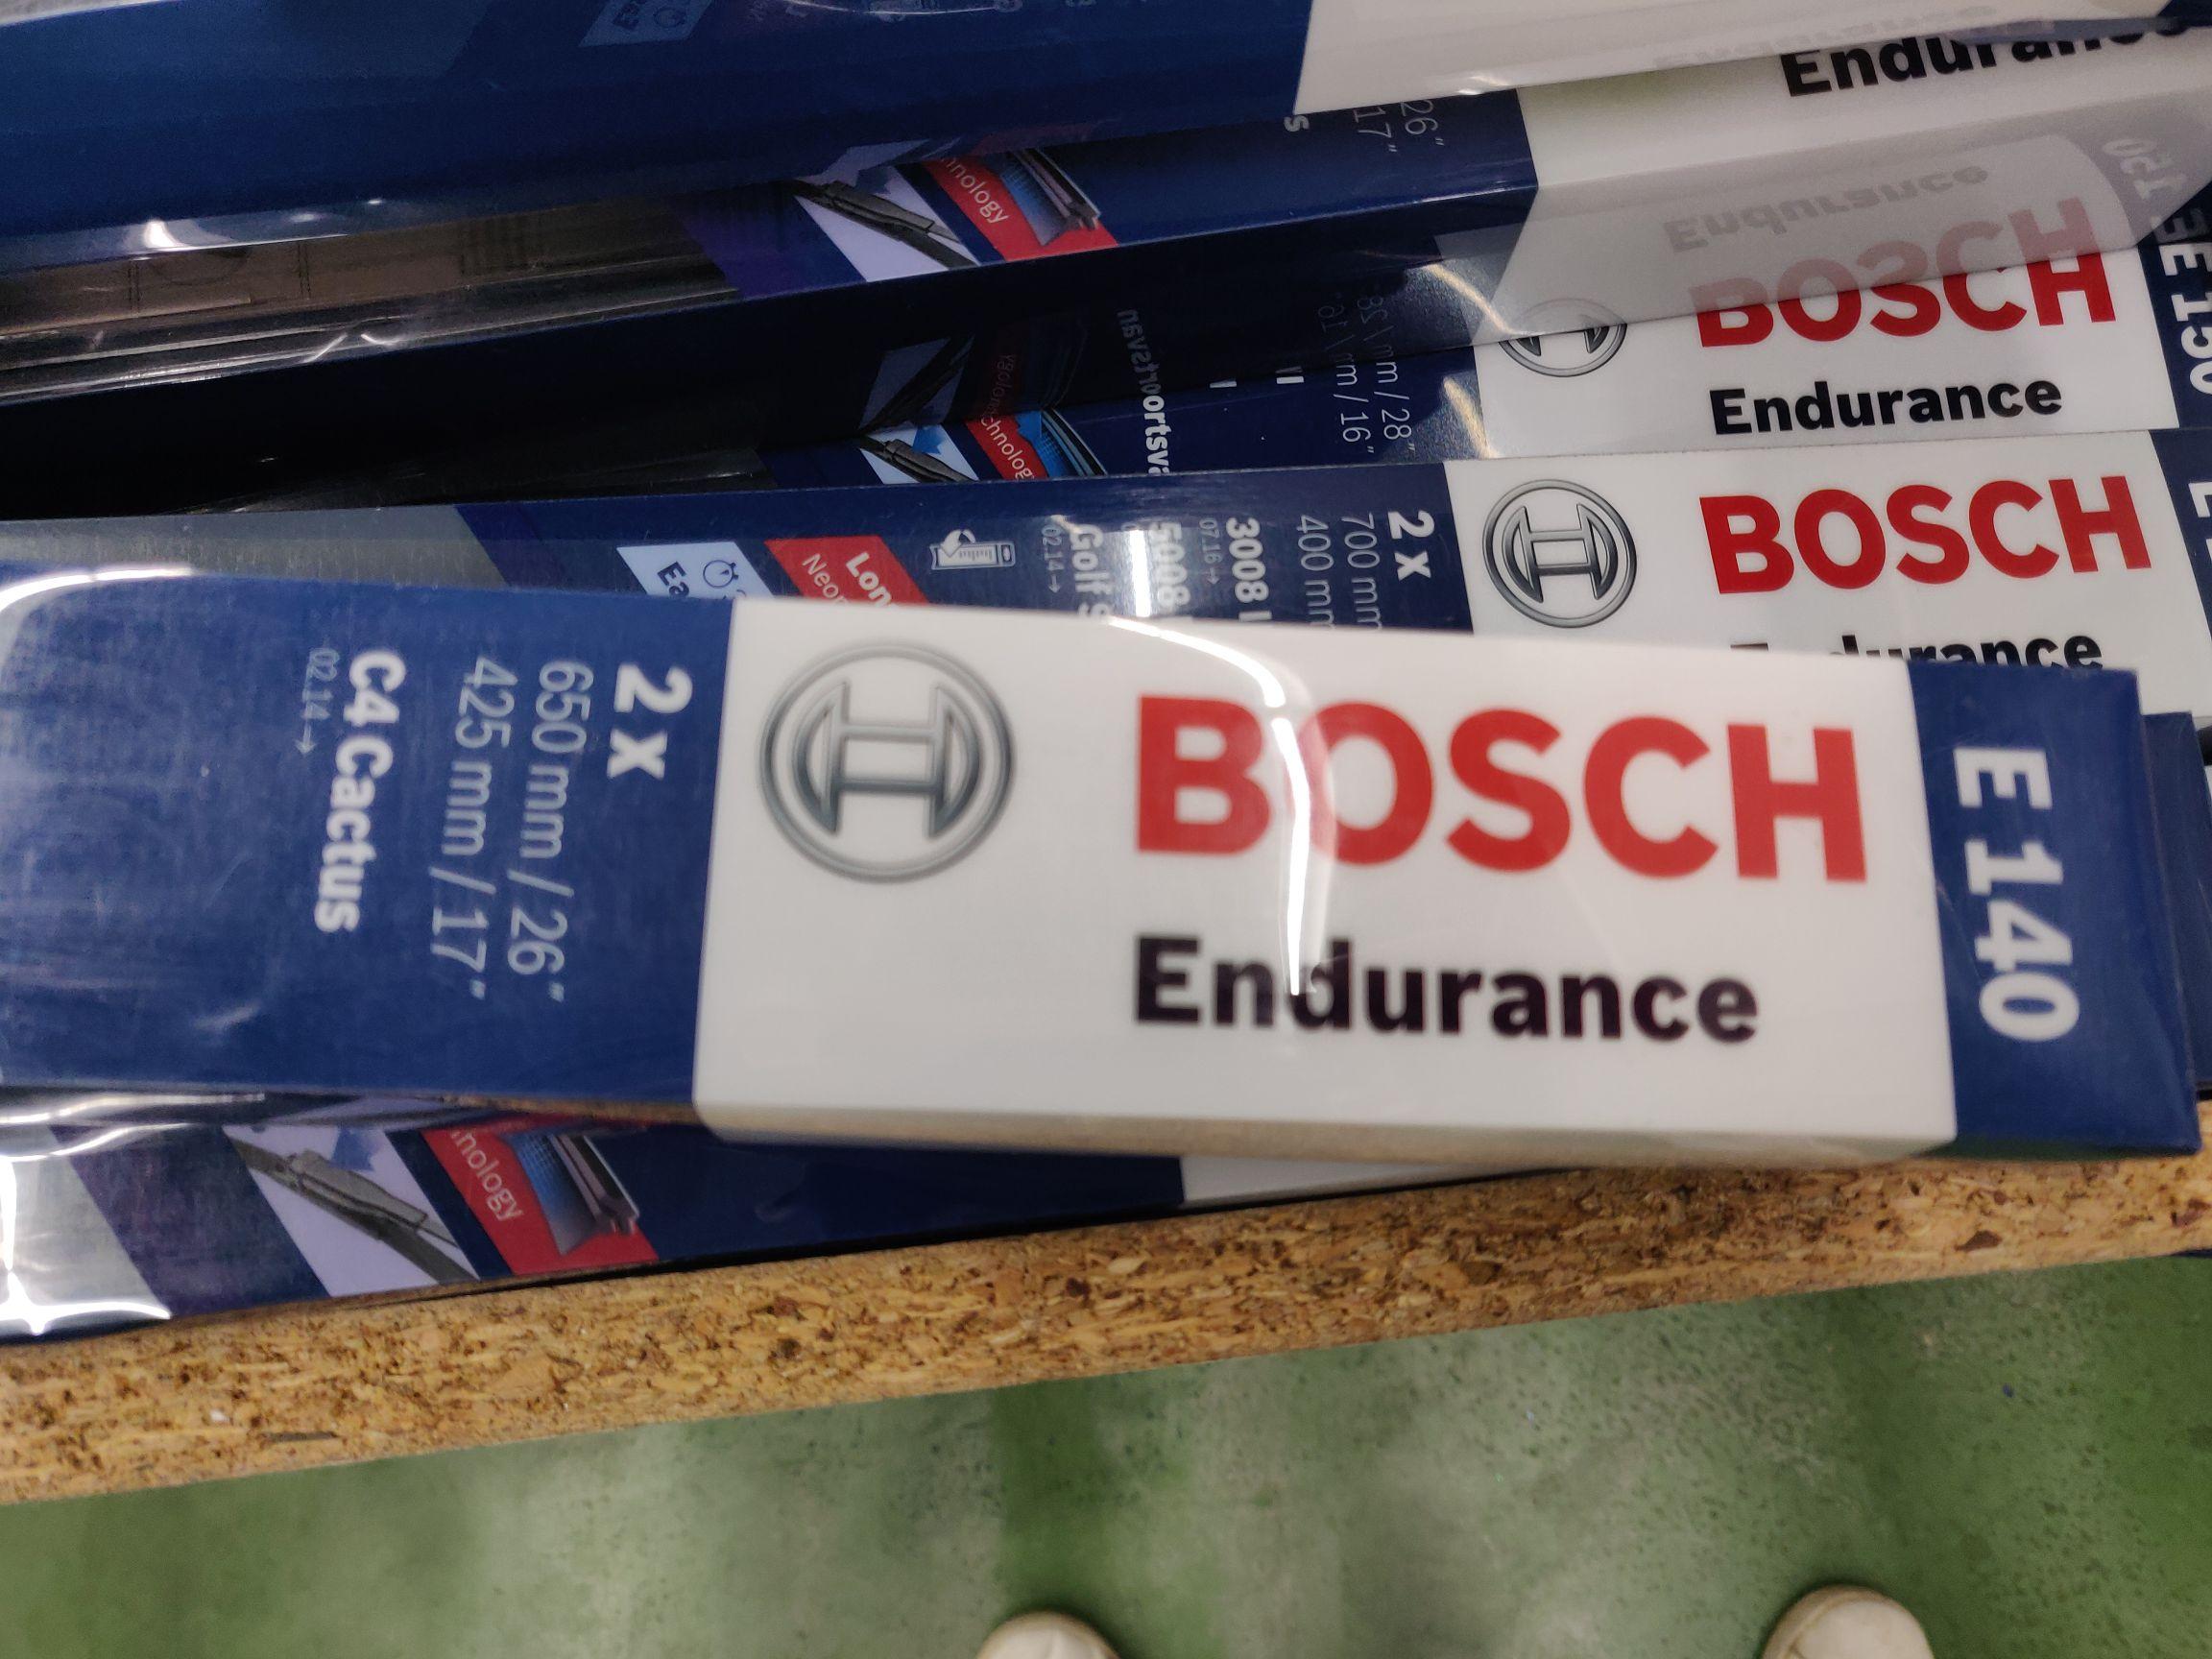 Sélection de balais d'essuie-glaces en promotion - Ex : Bosch Endurance E140 - Cormontreuil (51)